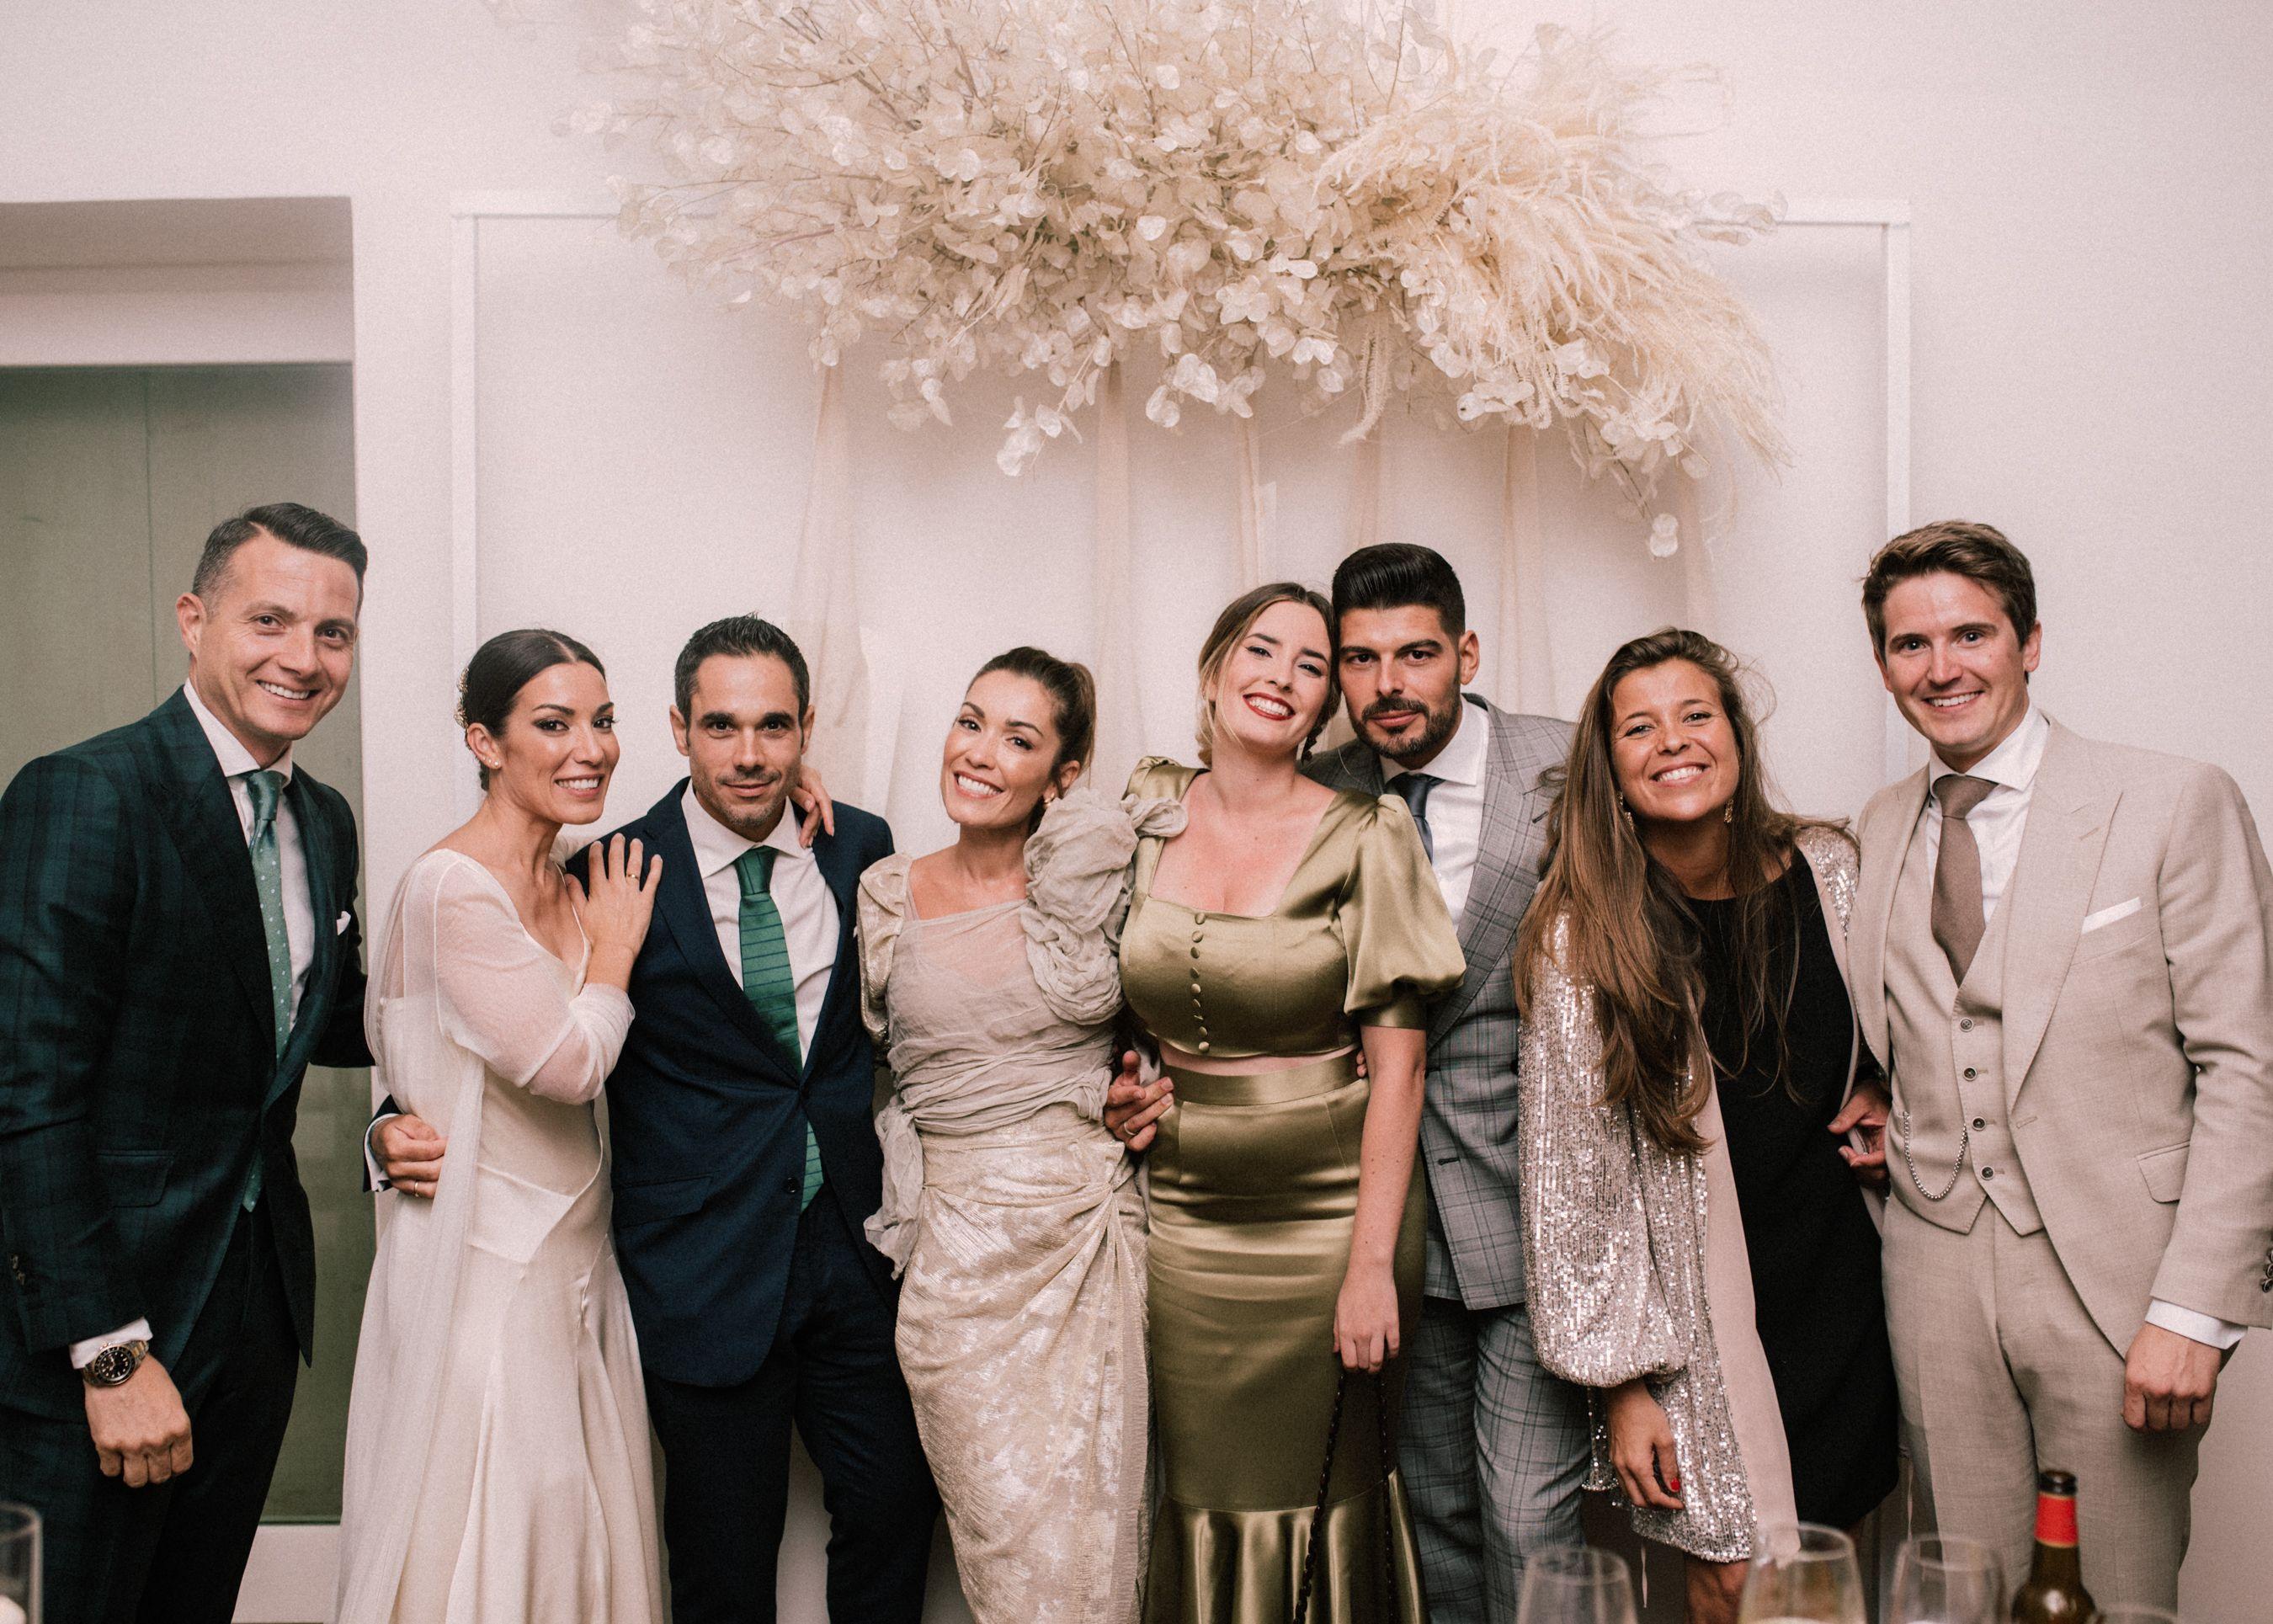 Boda Weddings With Love